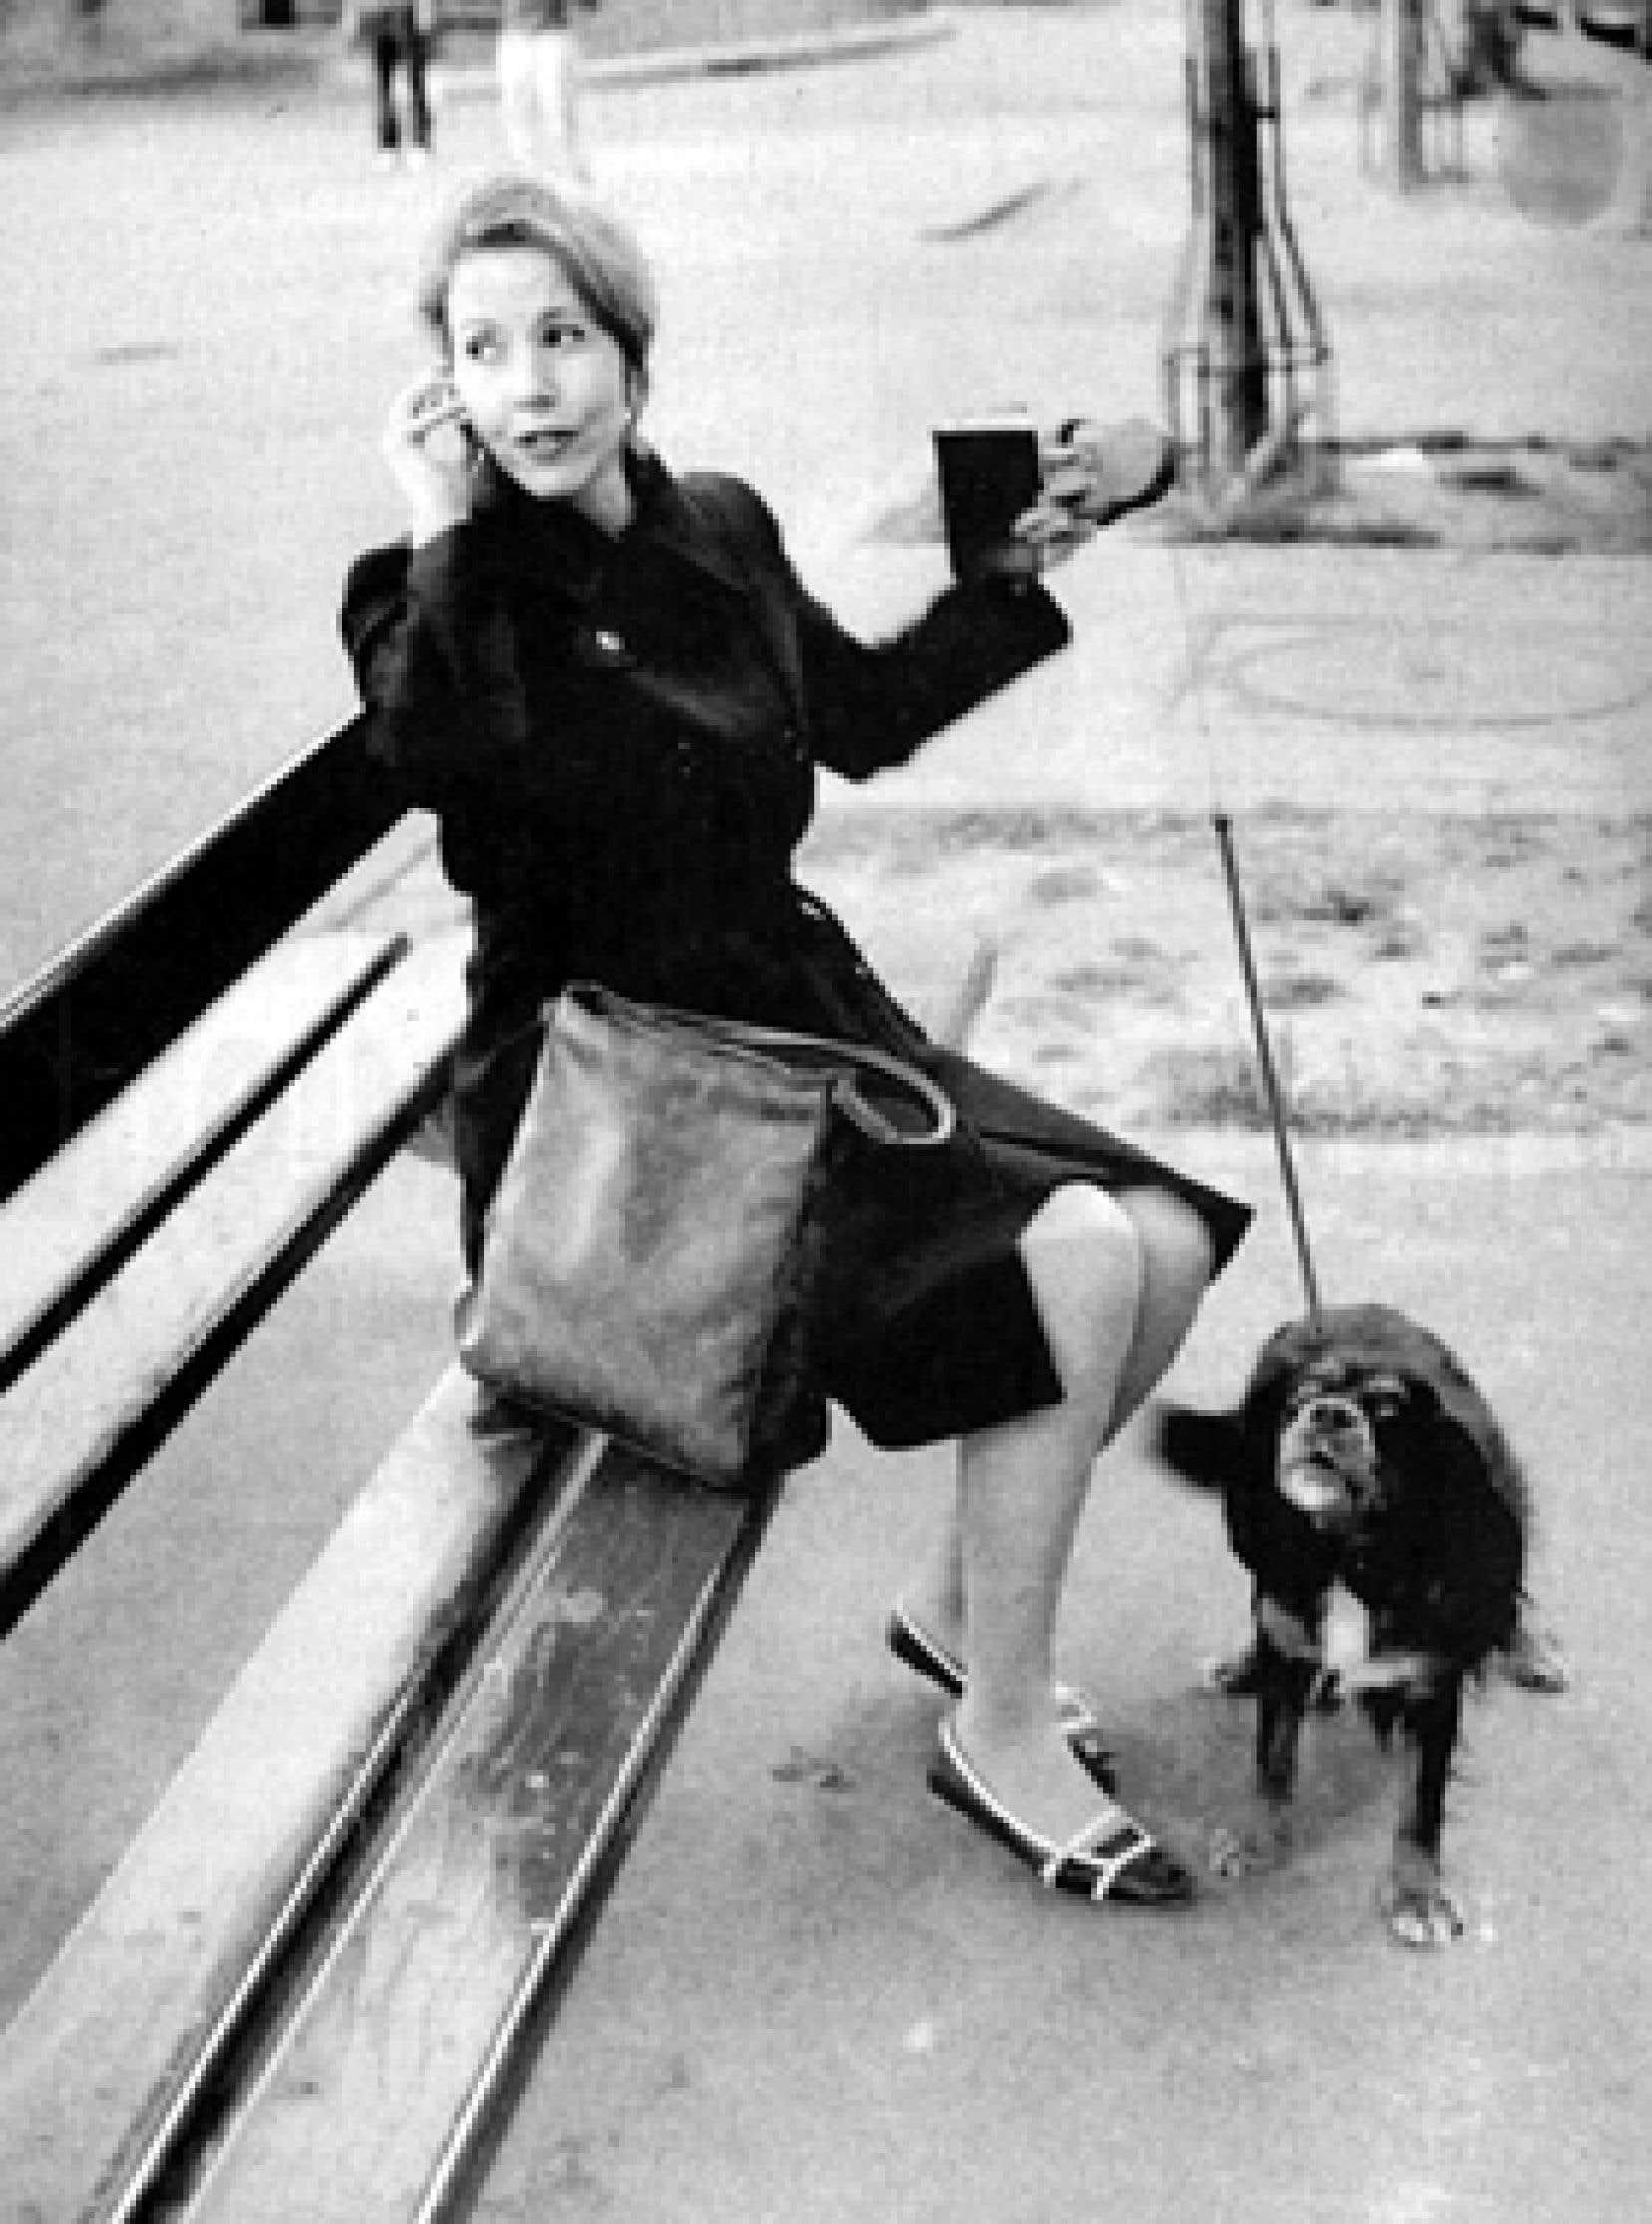 Ce portrait de femme a valu au célèbre photographe français François-Marie Banier un procès qu'il a remporté en mai dernier.